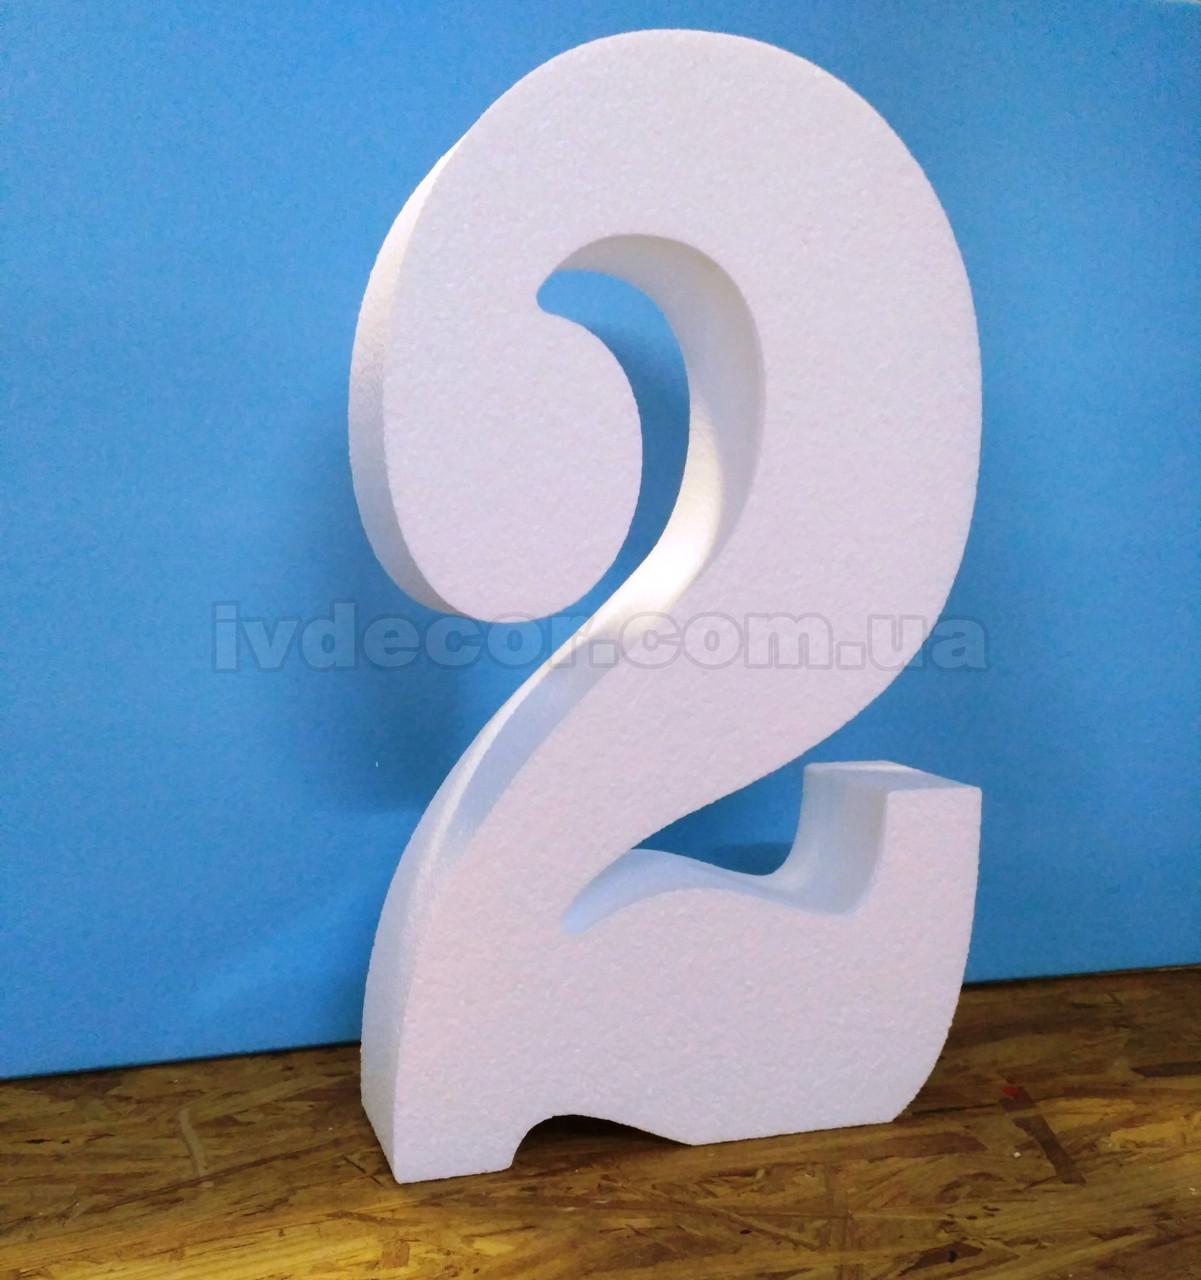 Как сделать большую цифру на день рождения из пенопласта